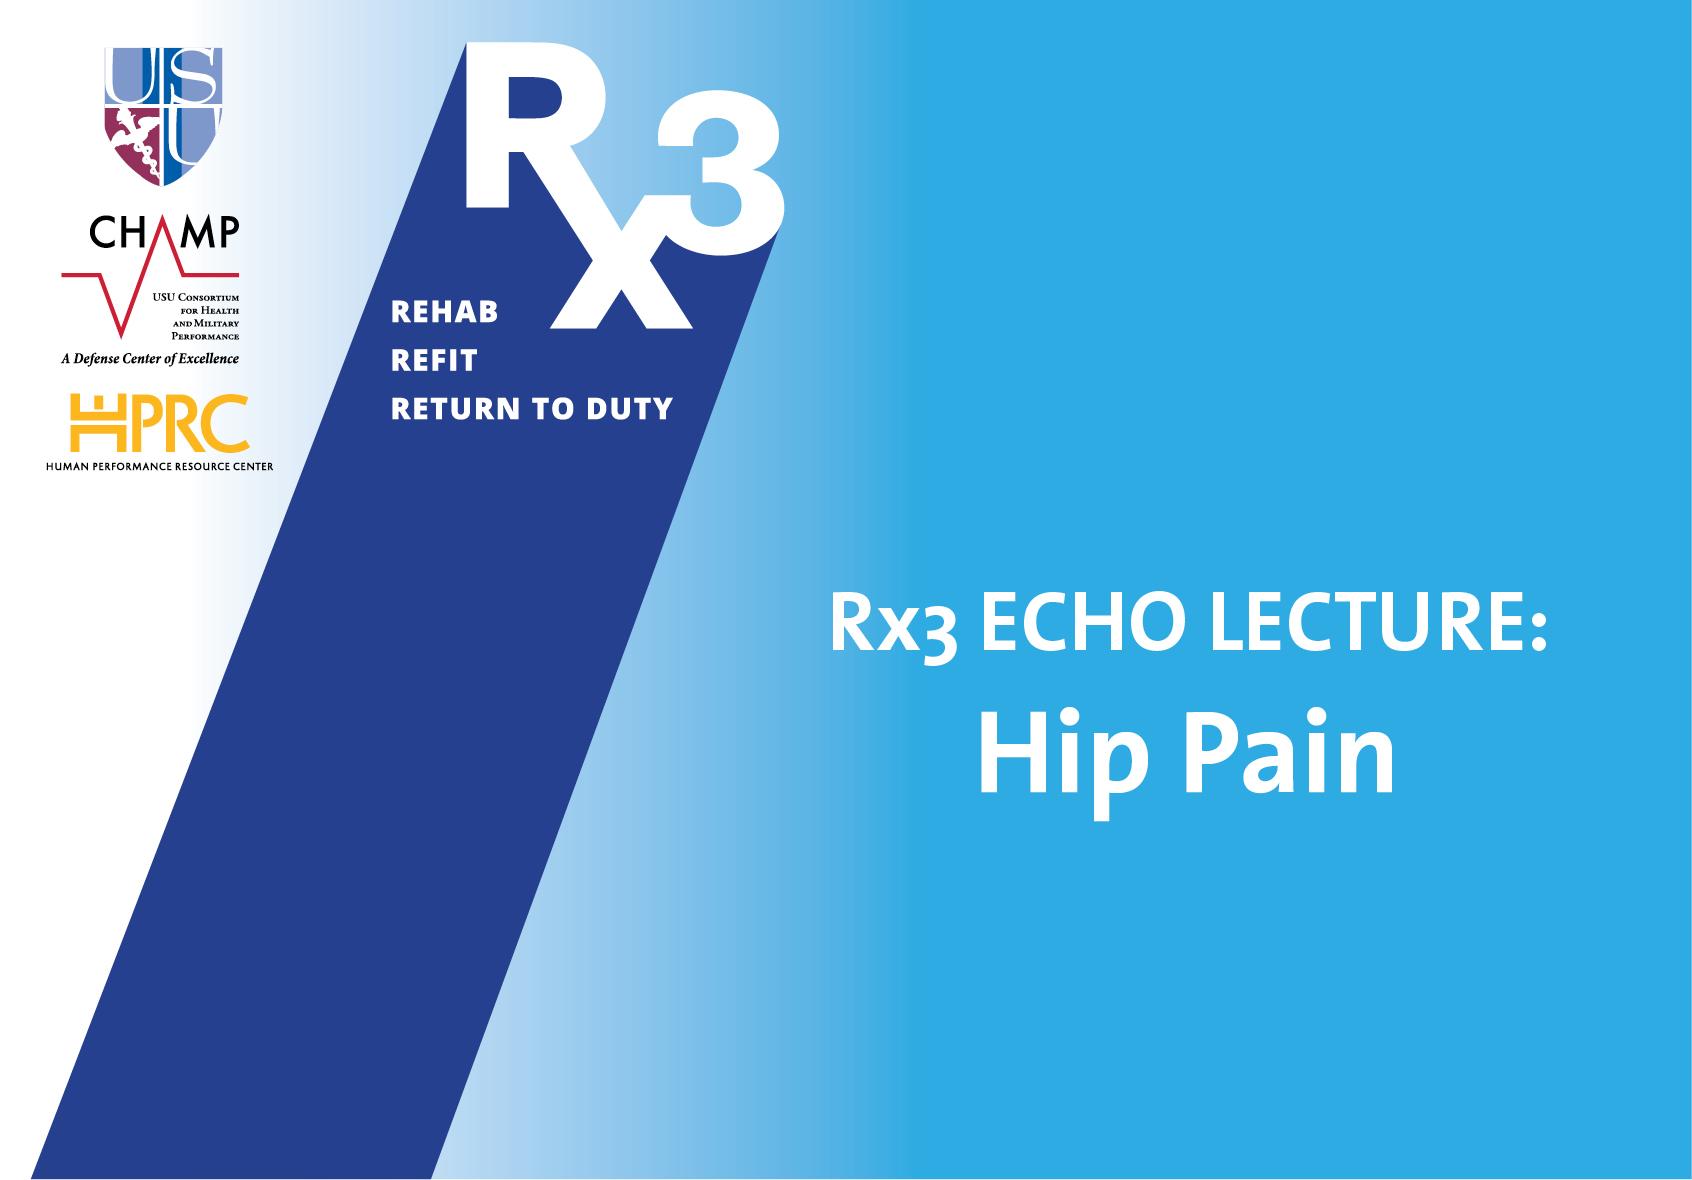 USU CHAMP HPRC Rx3 ECHO LECTURE  Hip Pain